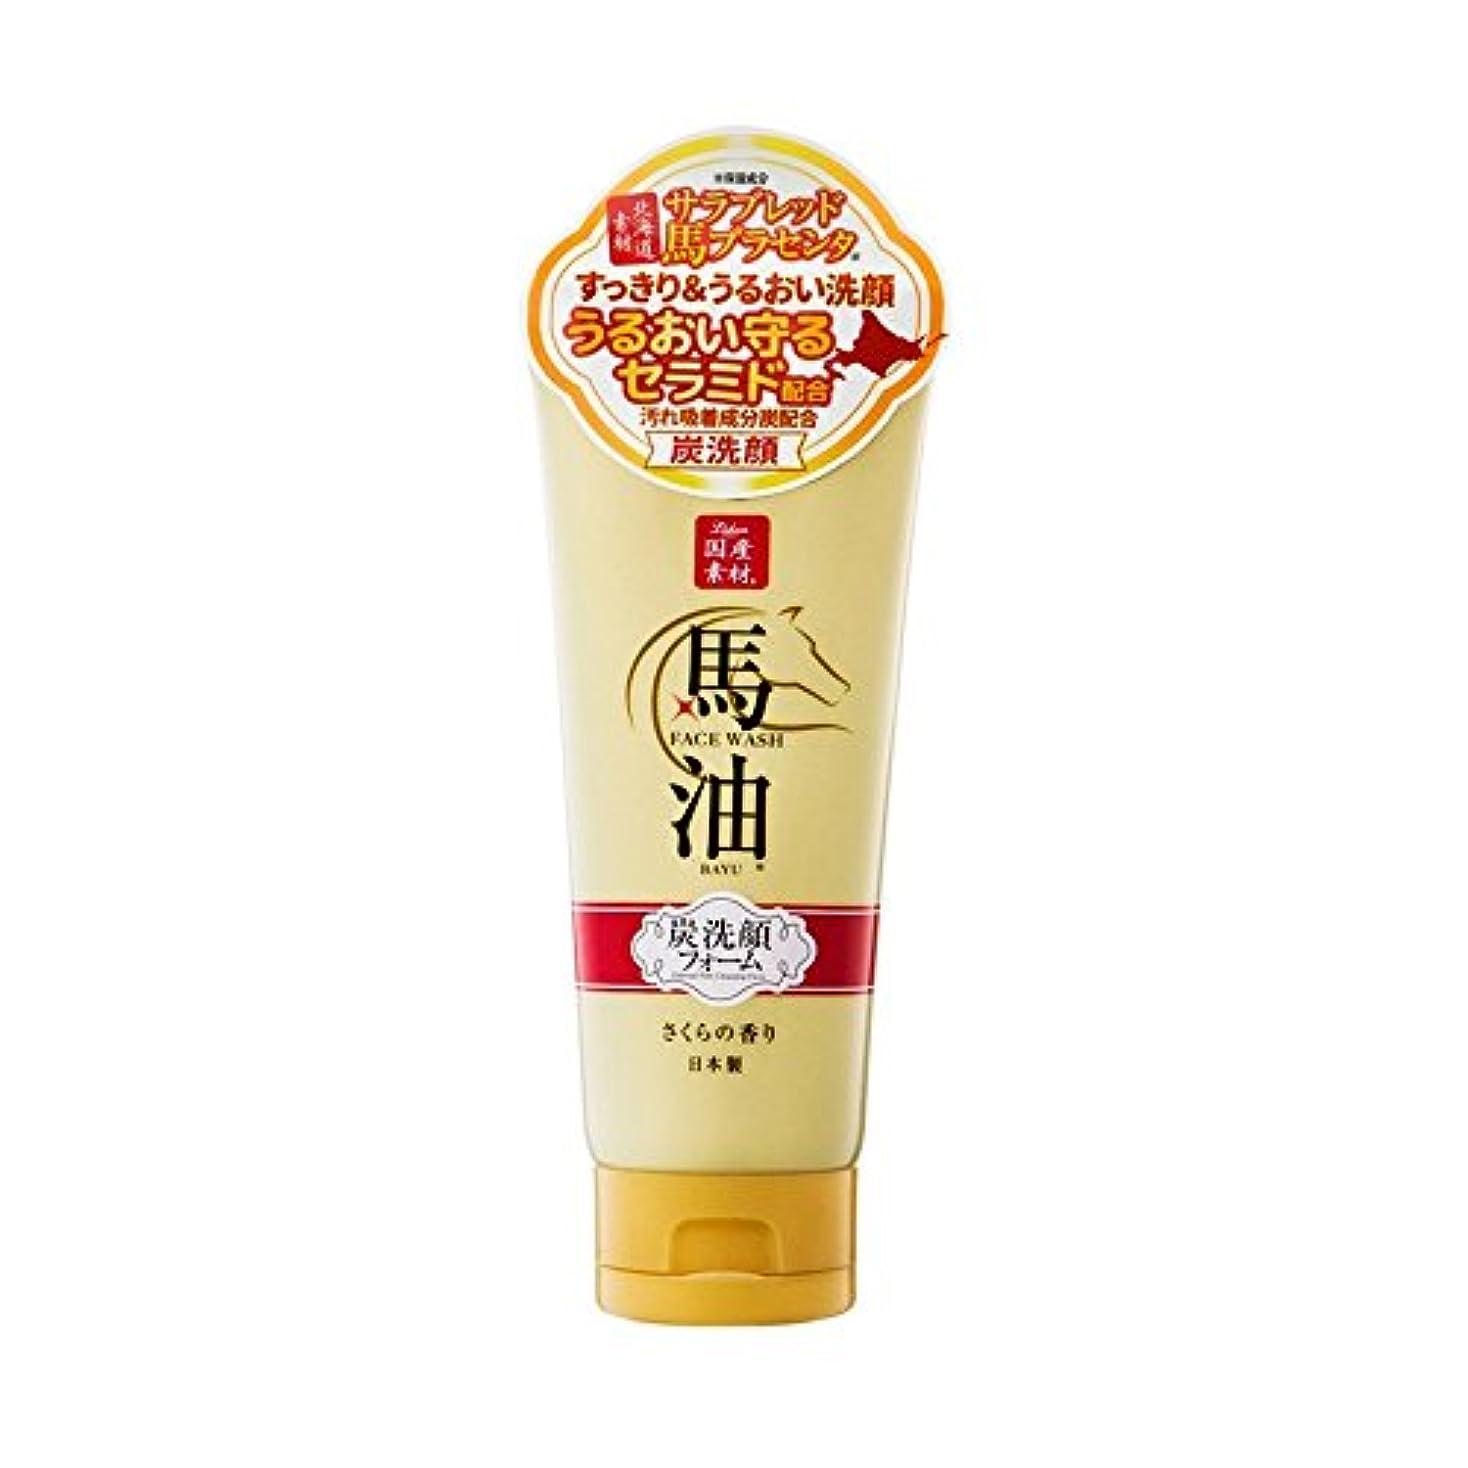 作るしゃがむジョットディボンドンリシャン 馬油&炭洗顔フォーム(さくらの香り)(内容量130g)